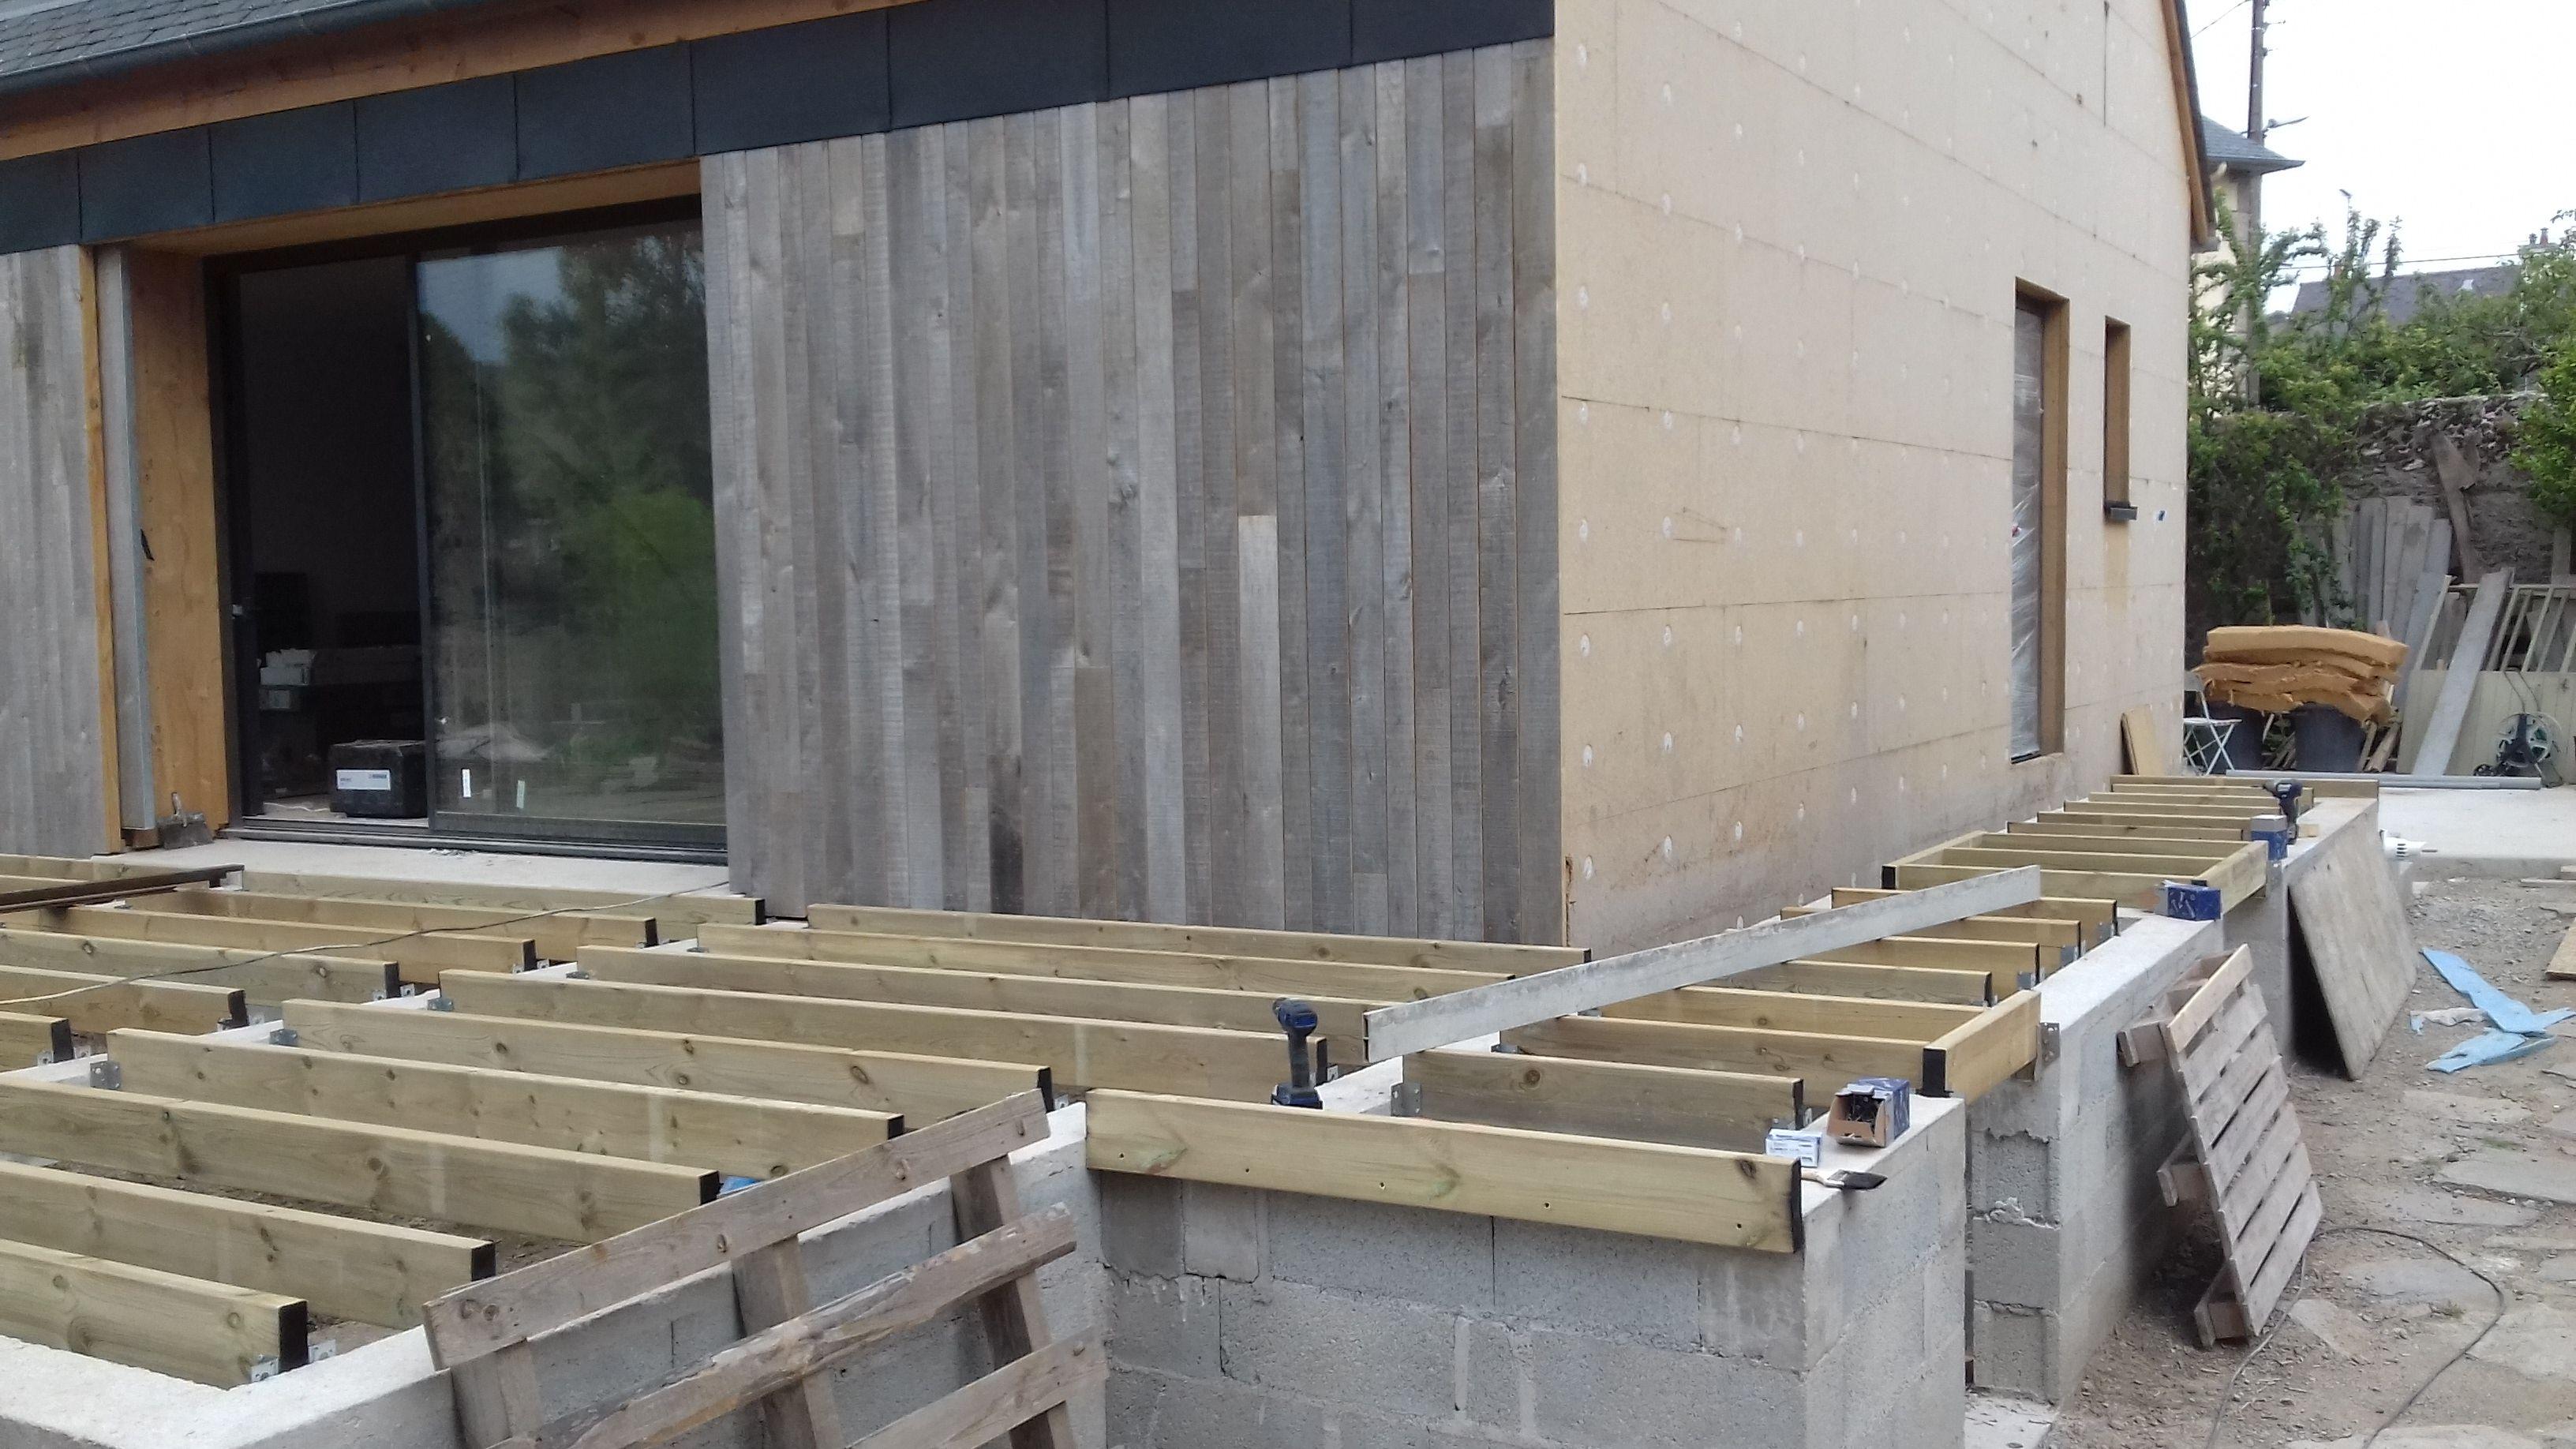 Vente Pose D Une Terrasse Moso Bamboo Xtreme En Bambou Densifie Comprenant La Mise En Place D Une Ossatu Construire Terrasse Bois Terrasse Bois Escalier Bois